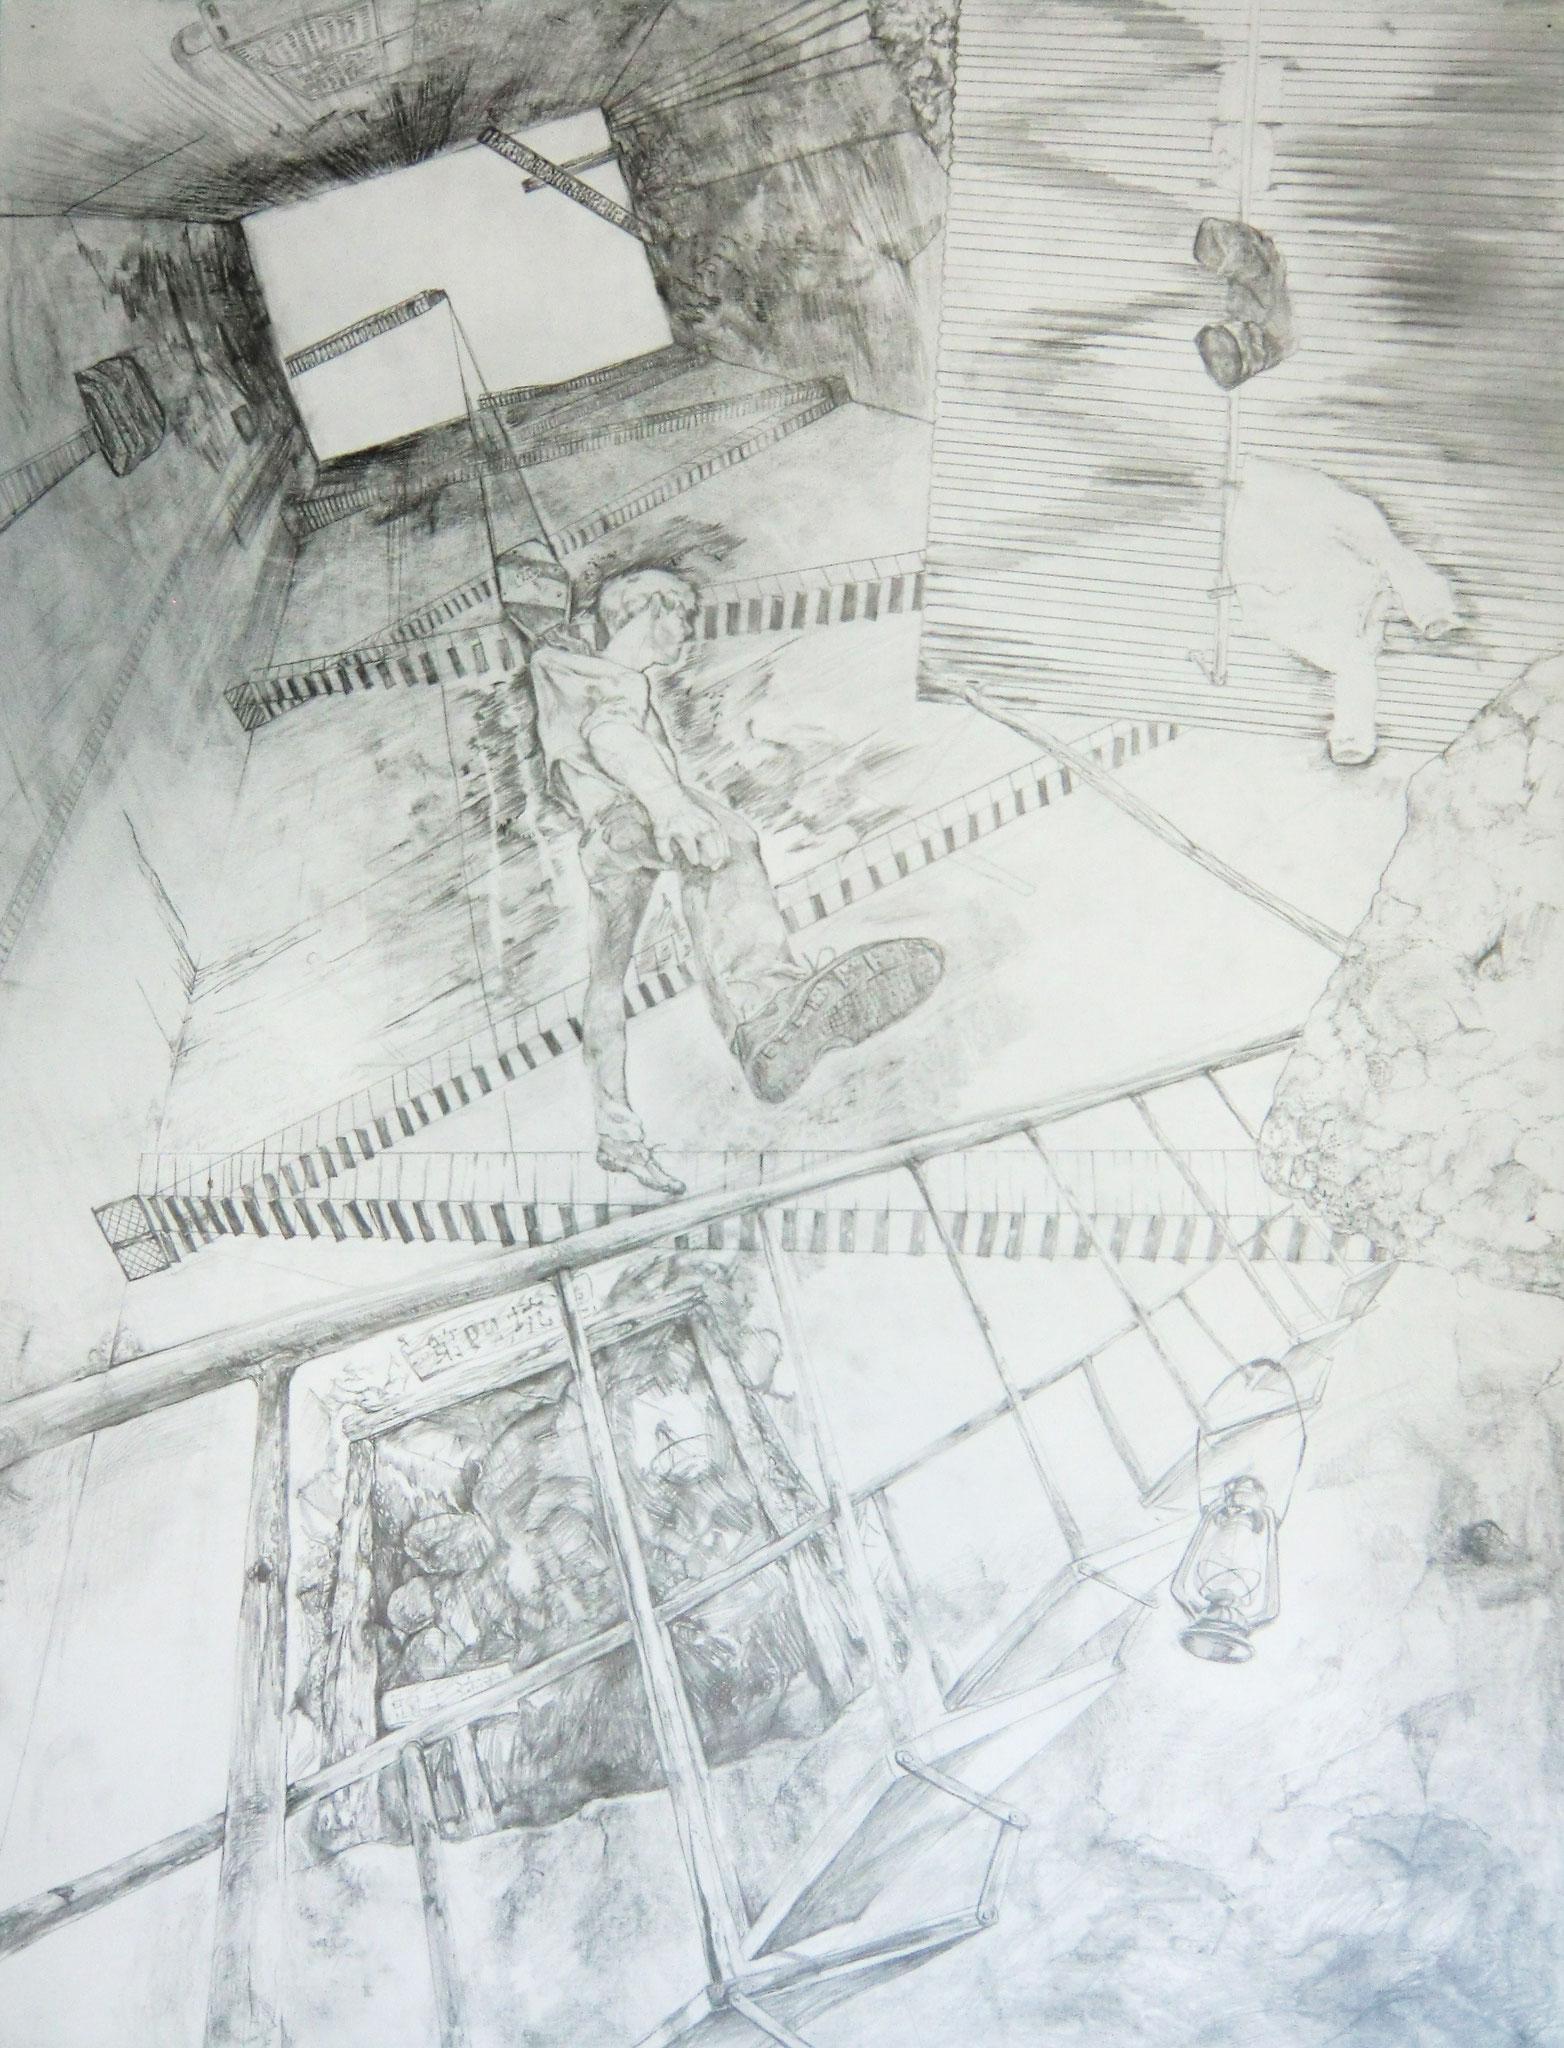 生徒作品39 デッサン<構成> 木炭紙 【油画系】